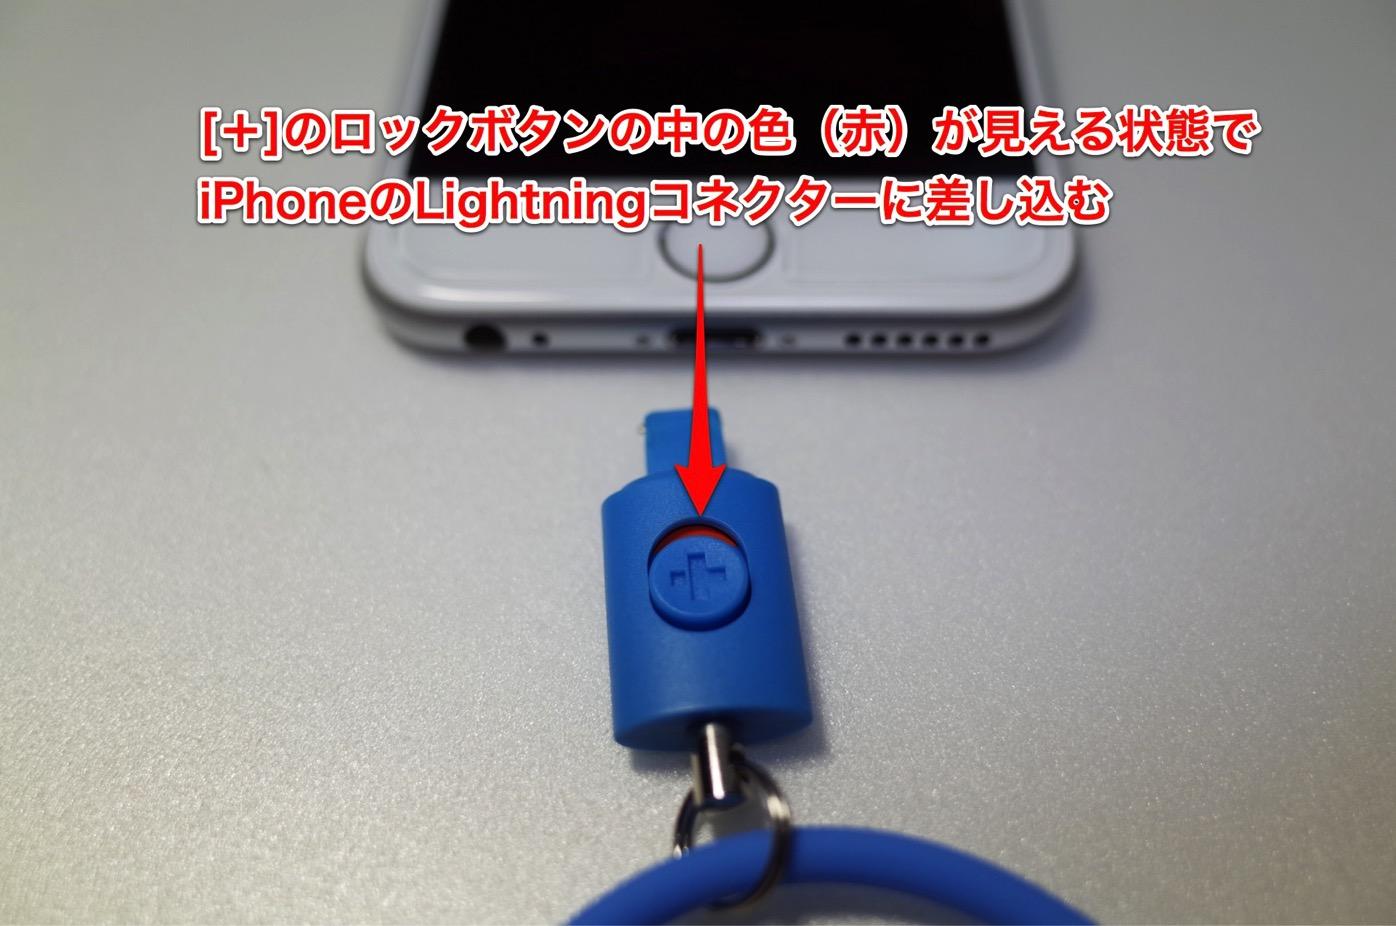 Lightningコネクター用のネックストラップ-13